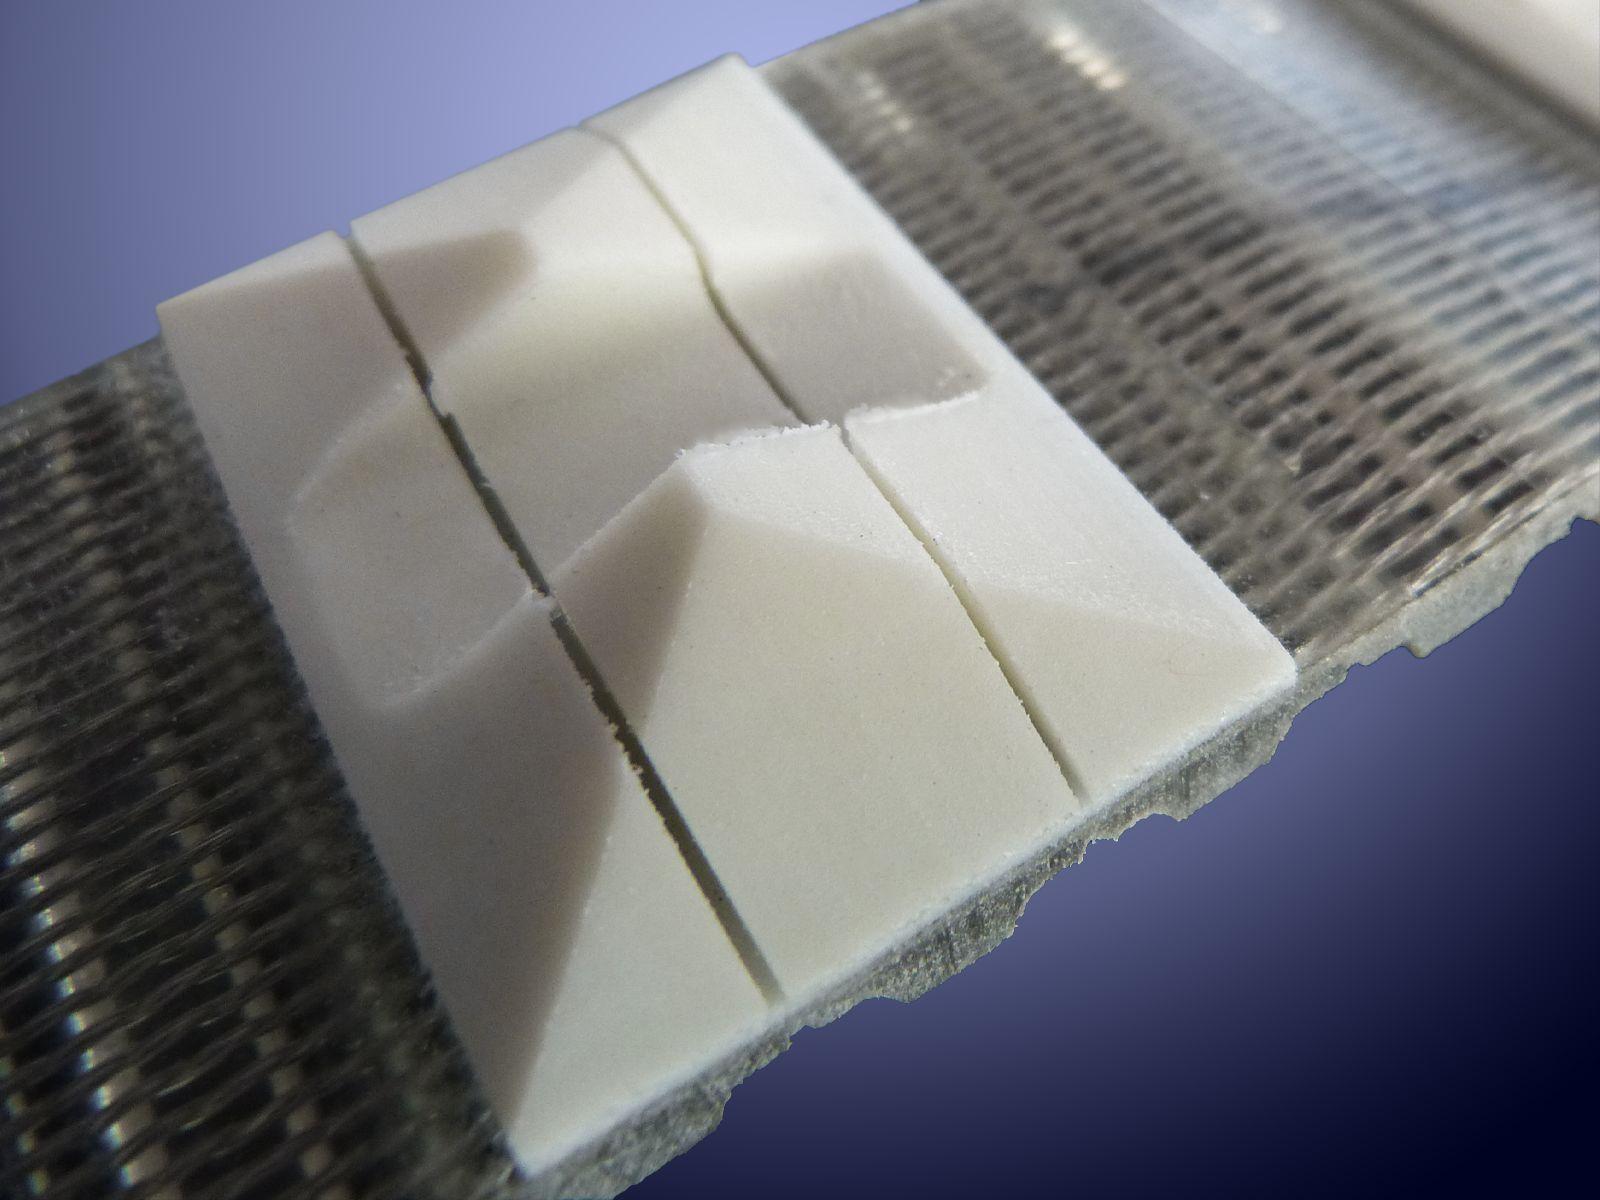 Questo tipo di tassello viene utilzzato per la formatura del packaging nel settore bevande